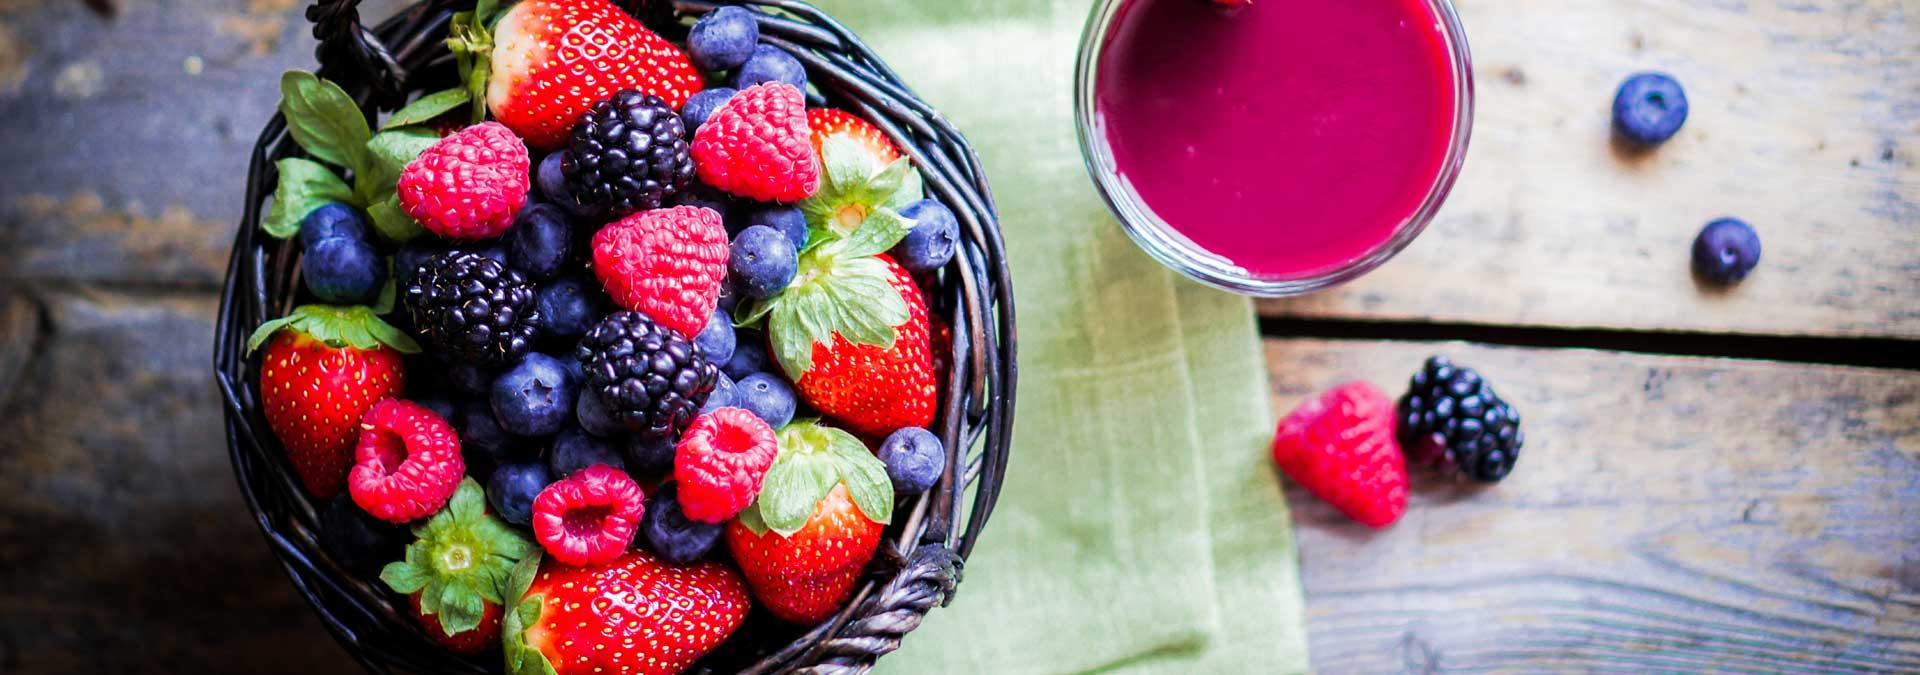 Grappige Citaten Over Eten : Spreuken gezond eten hét zingevingsplatform met wijsheden